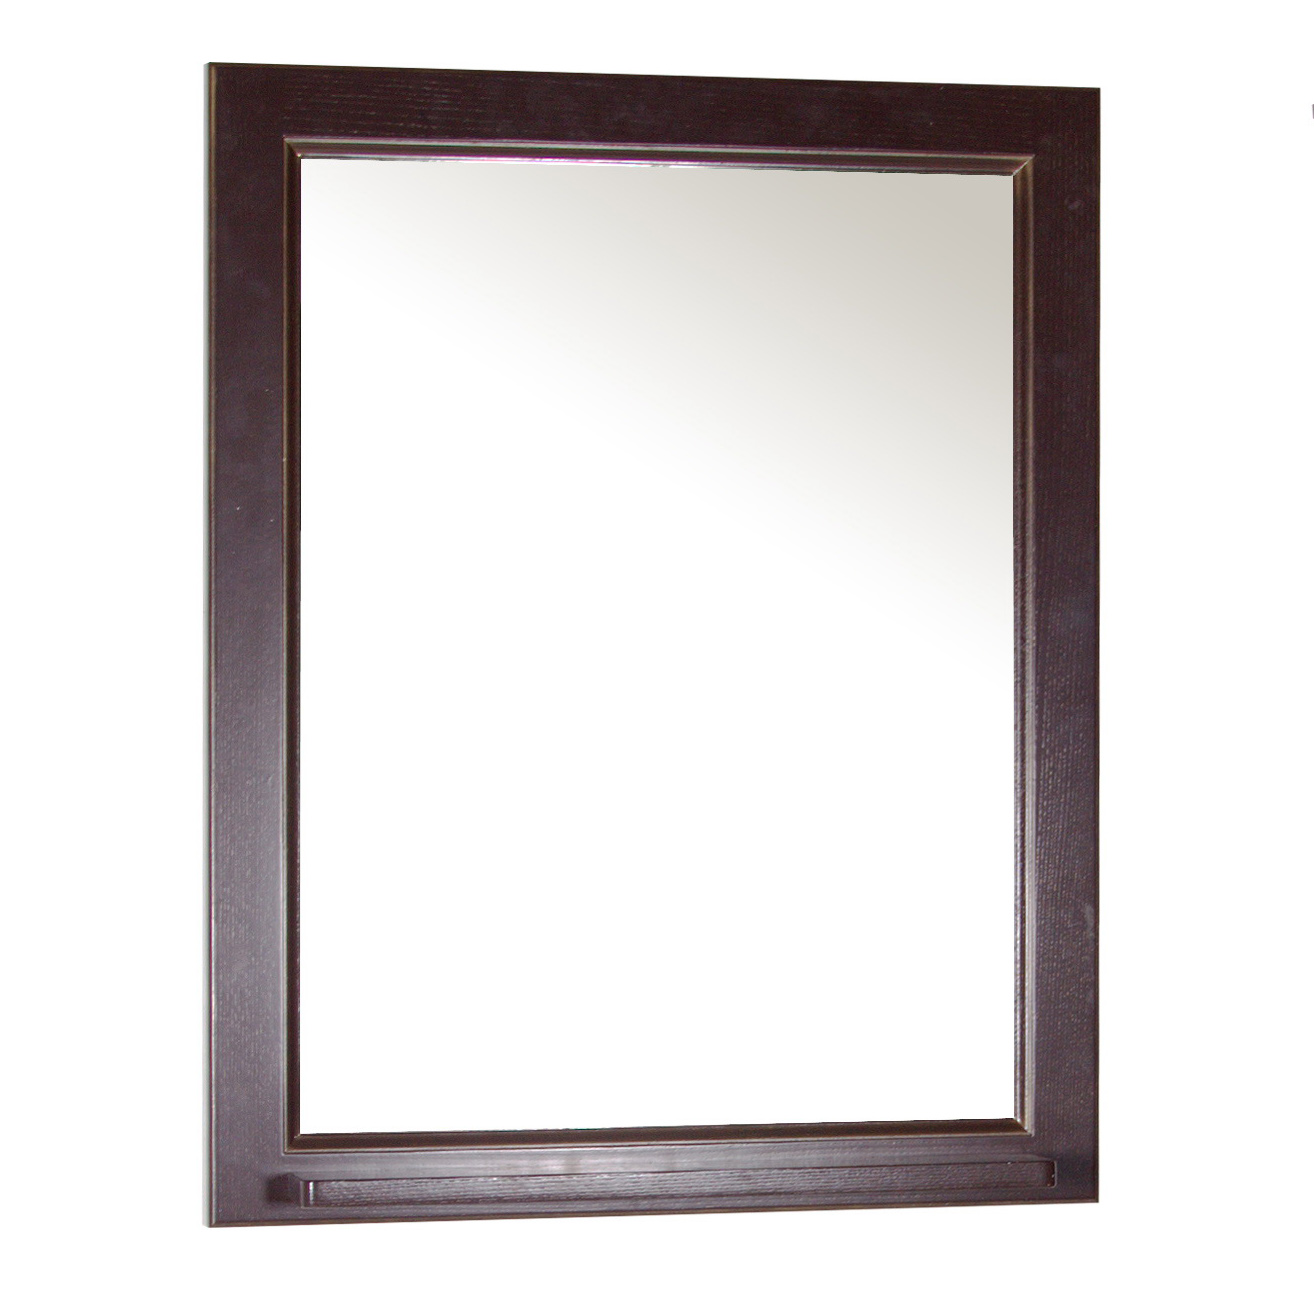 Зеркало АСБ мебель Бергамо 65 Woodline орех/патина золото мебель для ванной comforty